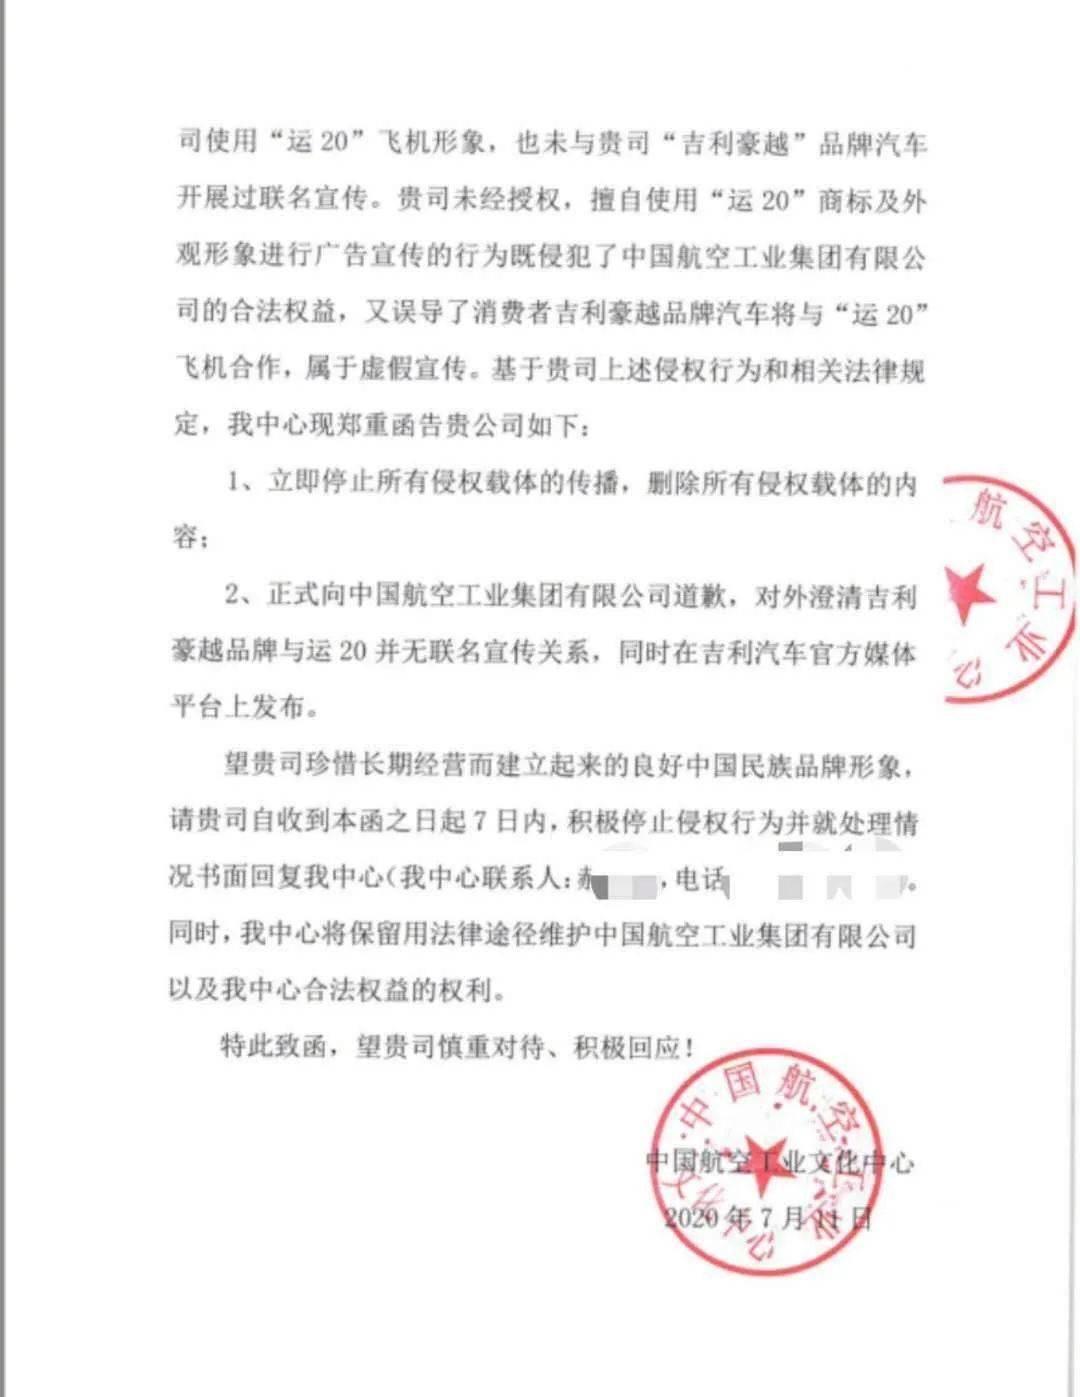 女儿要离婚,女婿一天报警7次!杭州一丈母娘伤透了脑筋